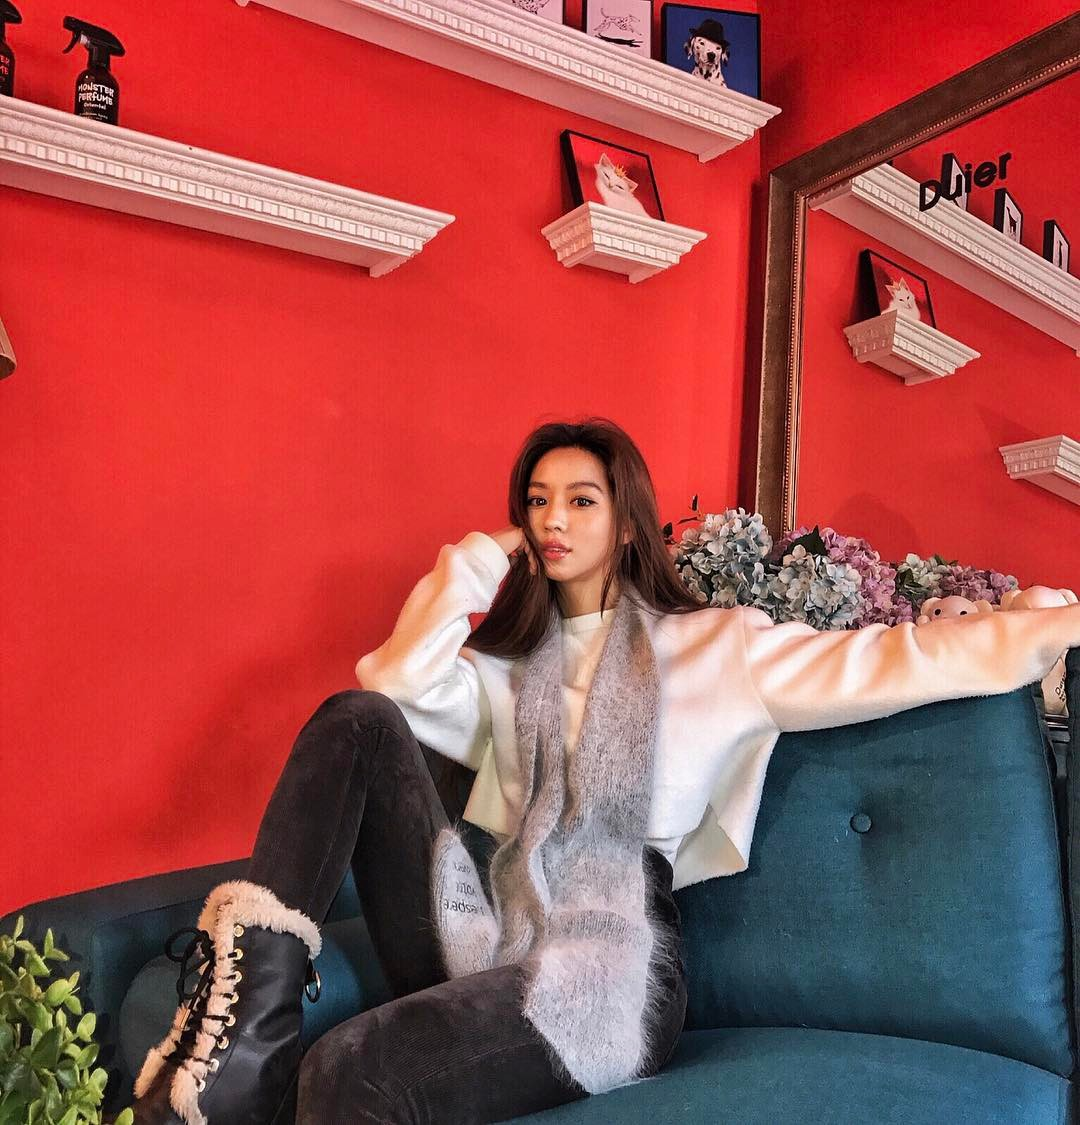 Sao nhí lột xác thành mỹ nhân nhà YG: Chỉ đóng vai phụ nhưng sống sang chảnh, suốt ngày du lịch, khoe đồ hiệu - Ảnh 12.